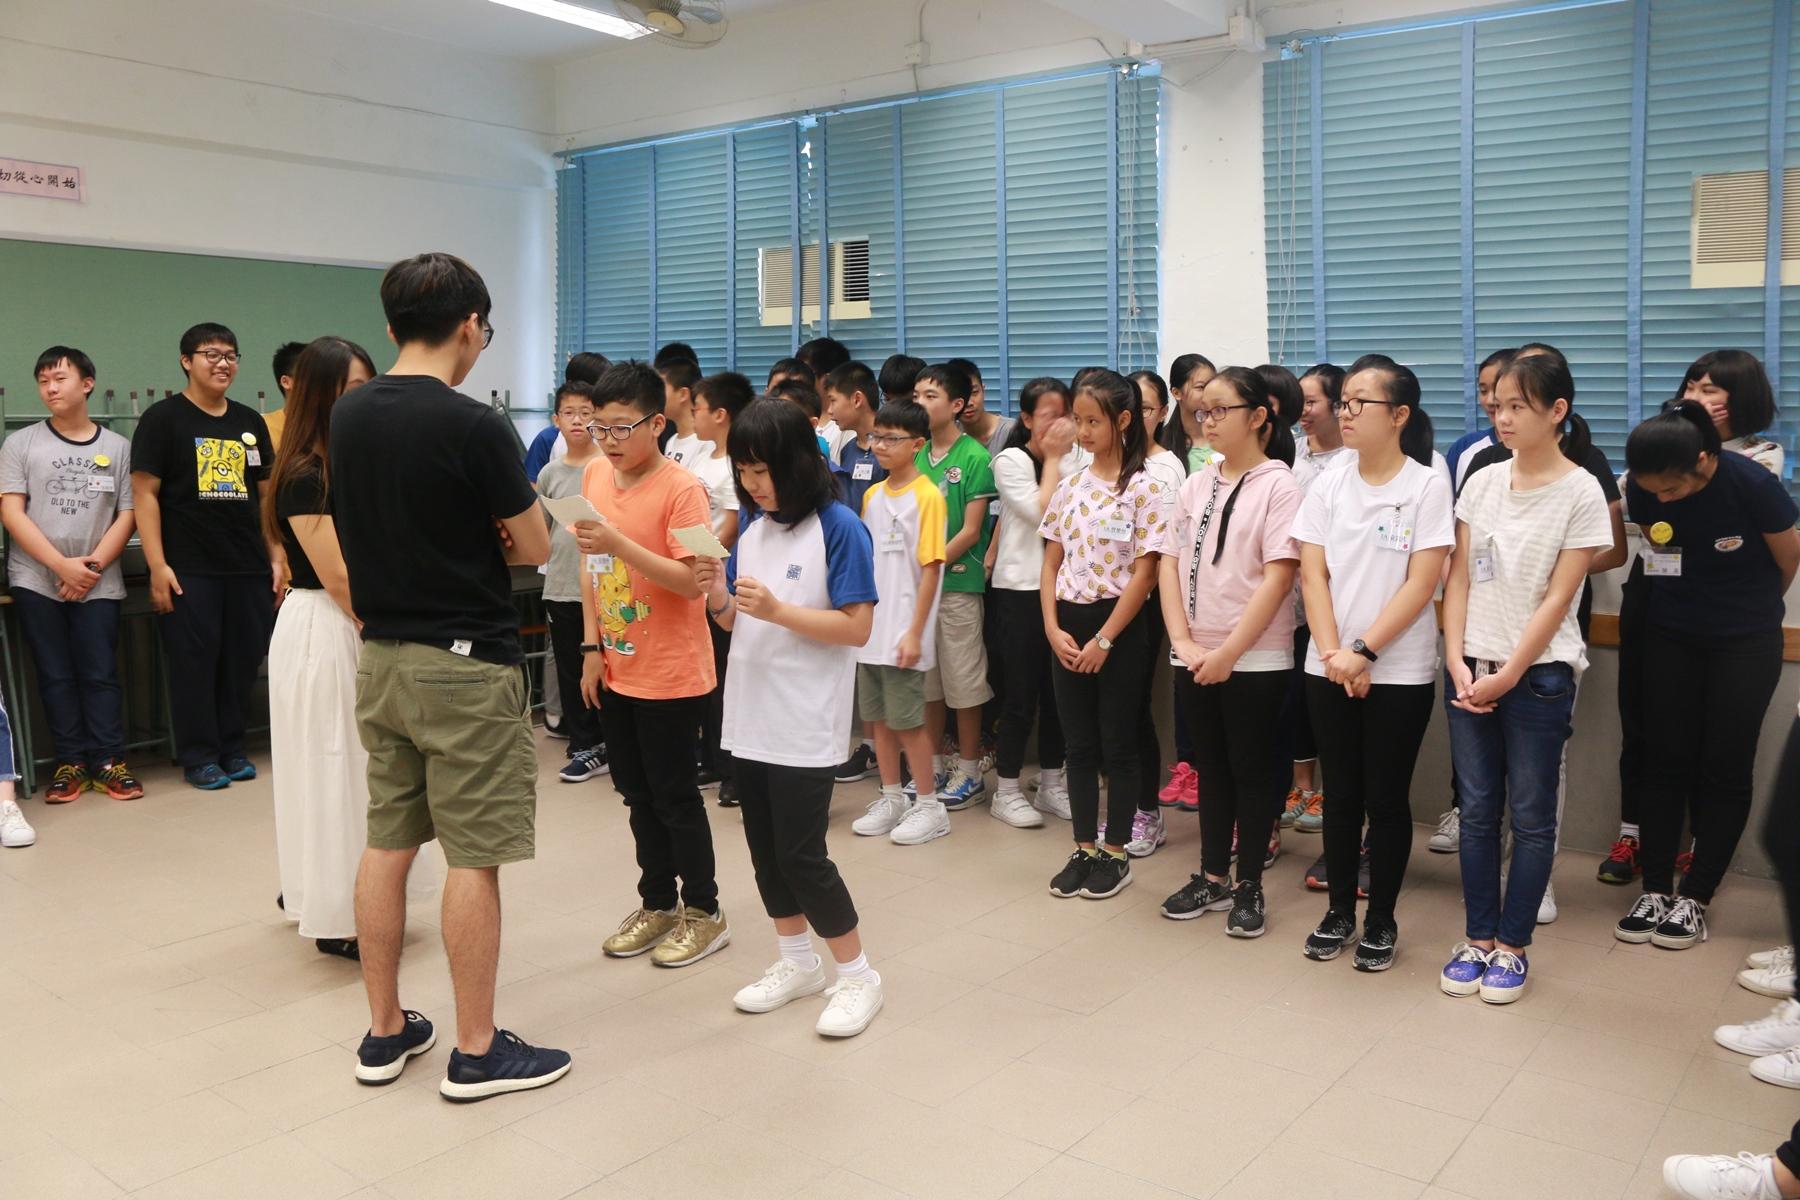 https://www.npc.edu.hk/sites/default/files/1a_zhong_ying_bing_chong_05.jpg